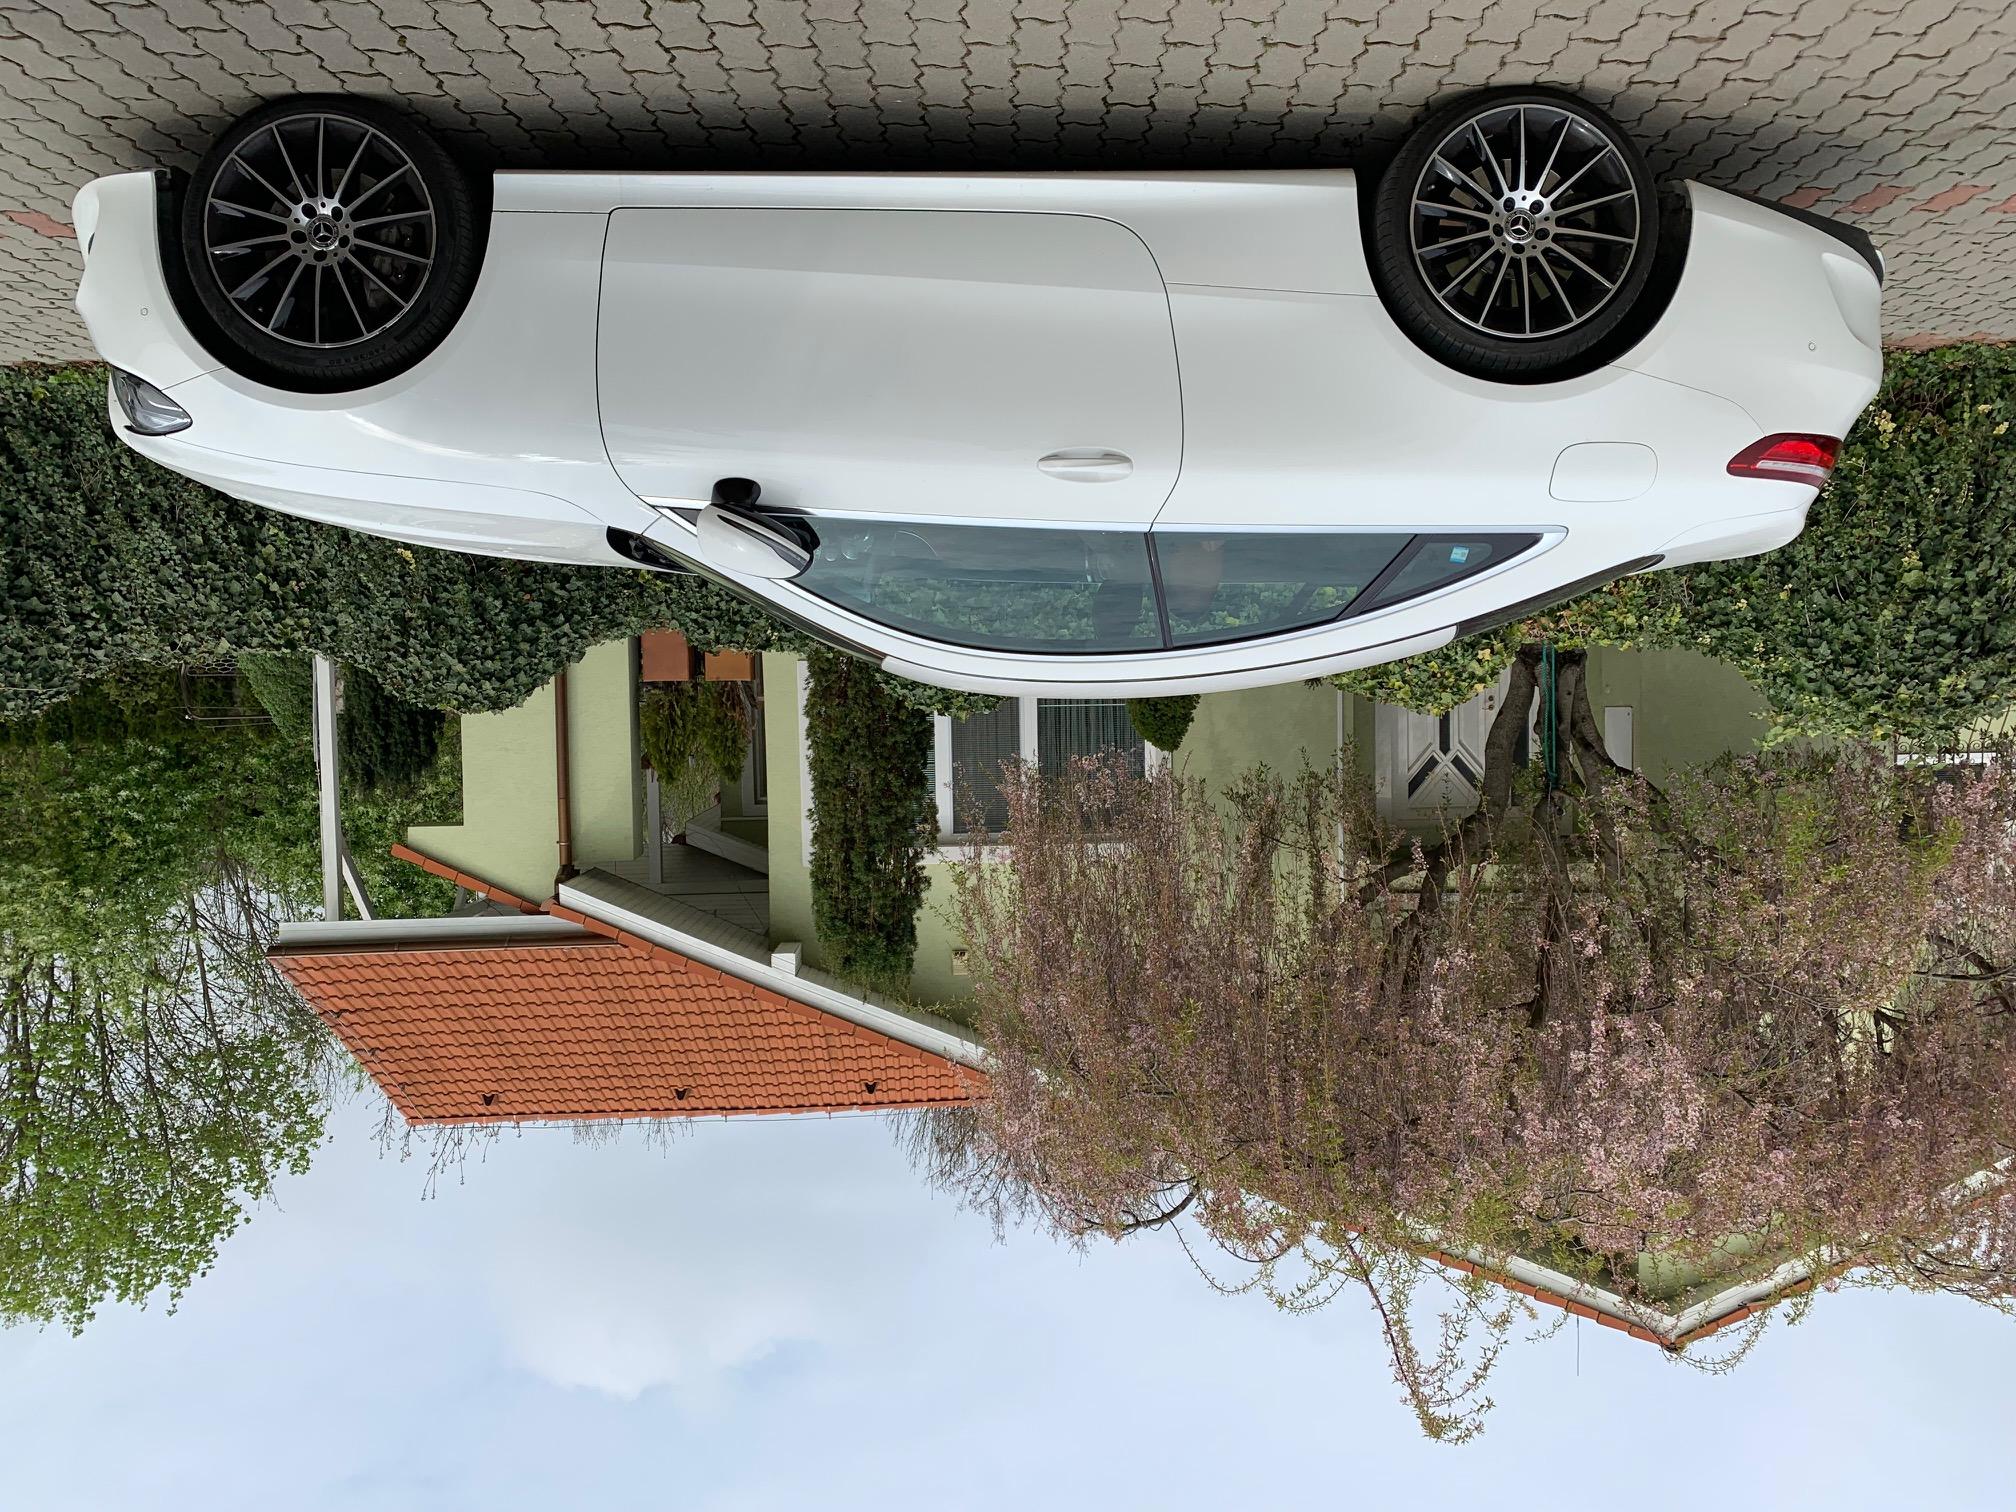 Mercdes-Benz E400 coupe